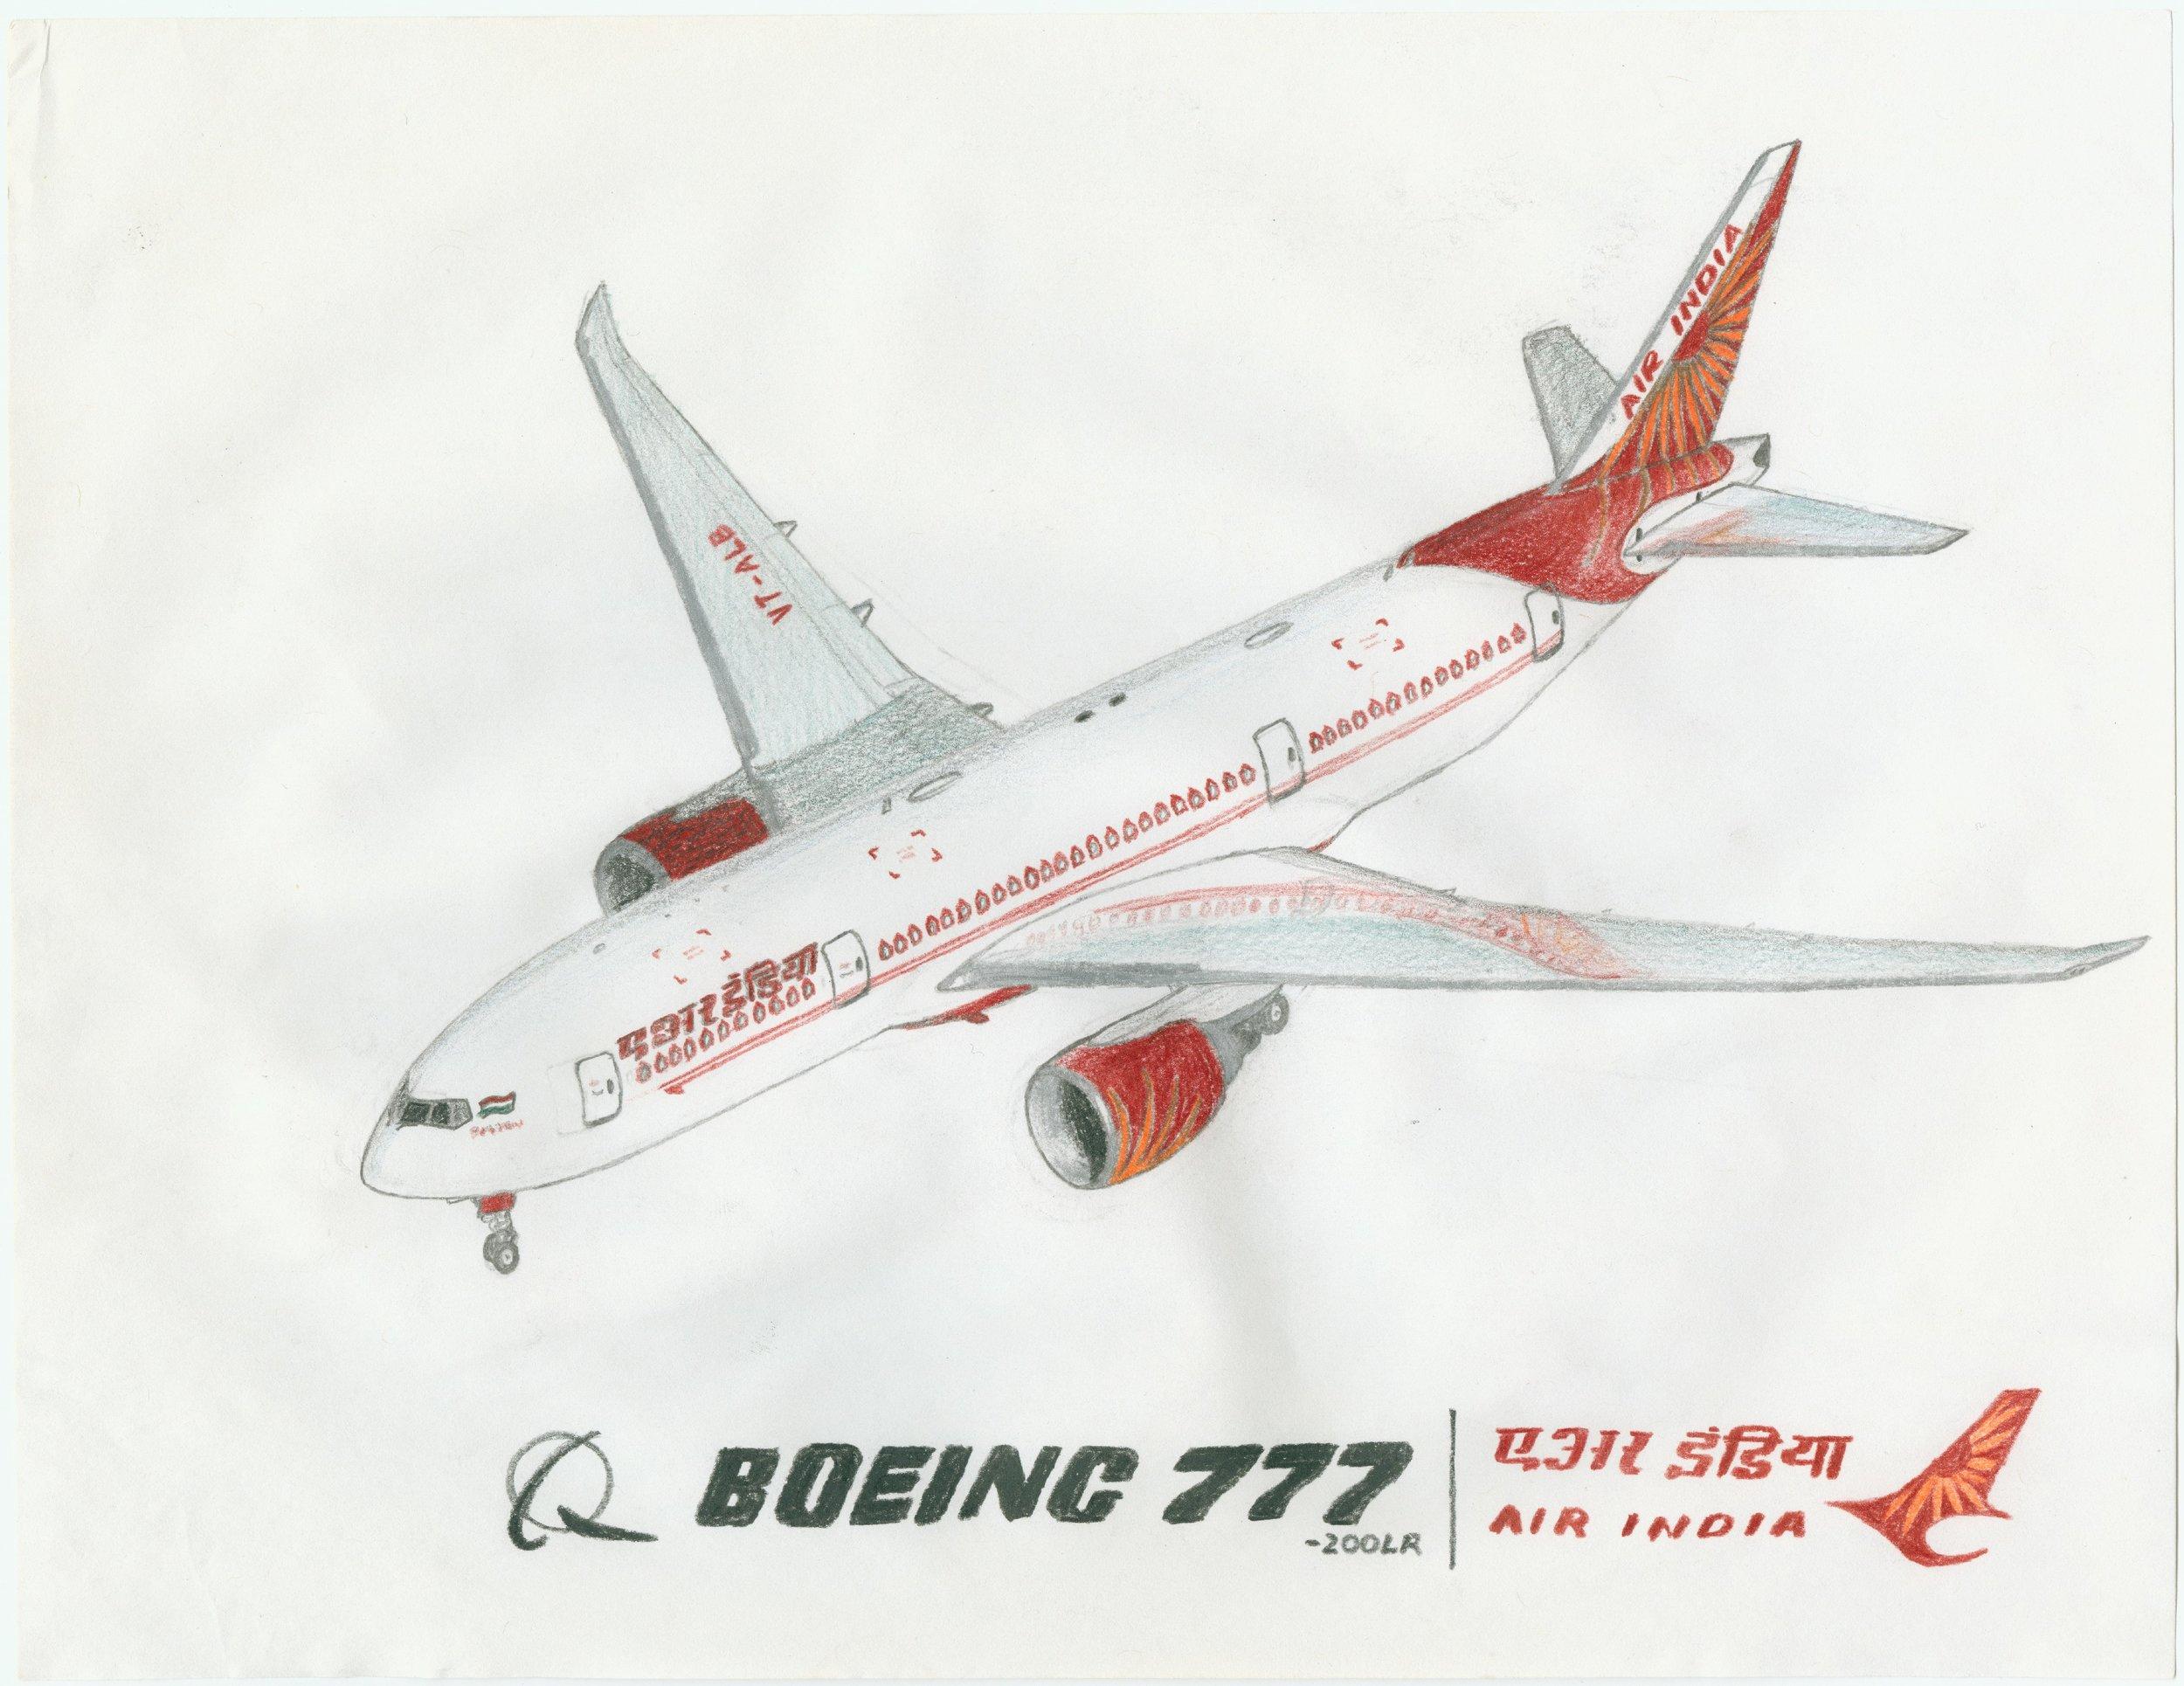 2007 - 001 - Air India 777-200LR.pdf0000.jpg